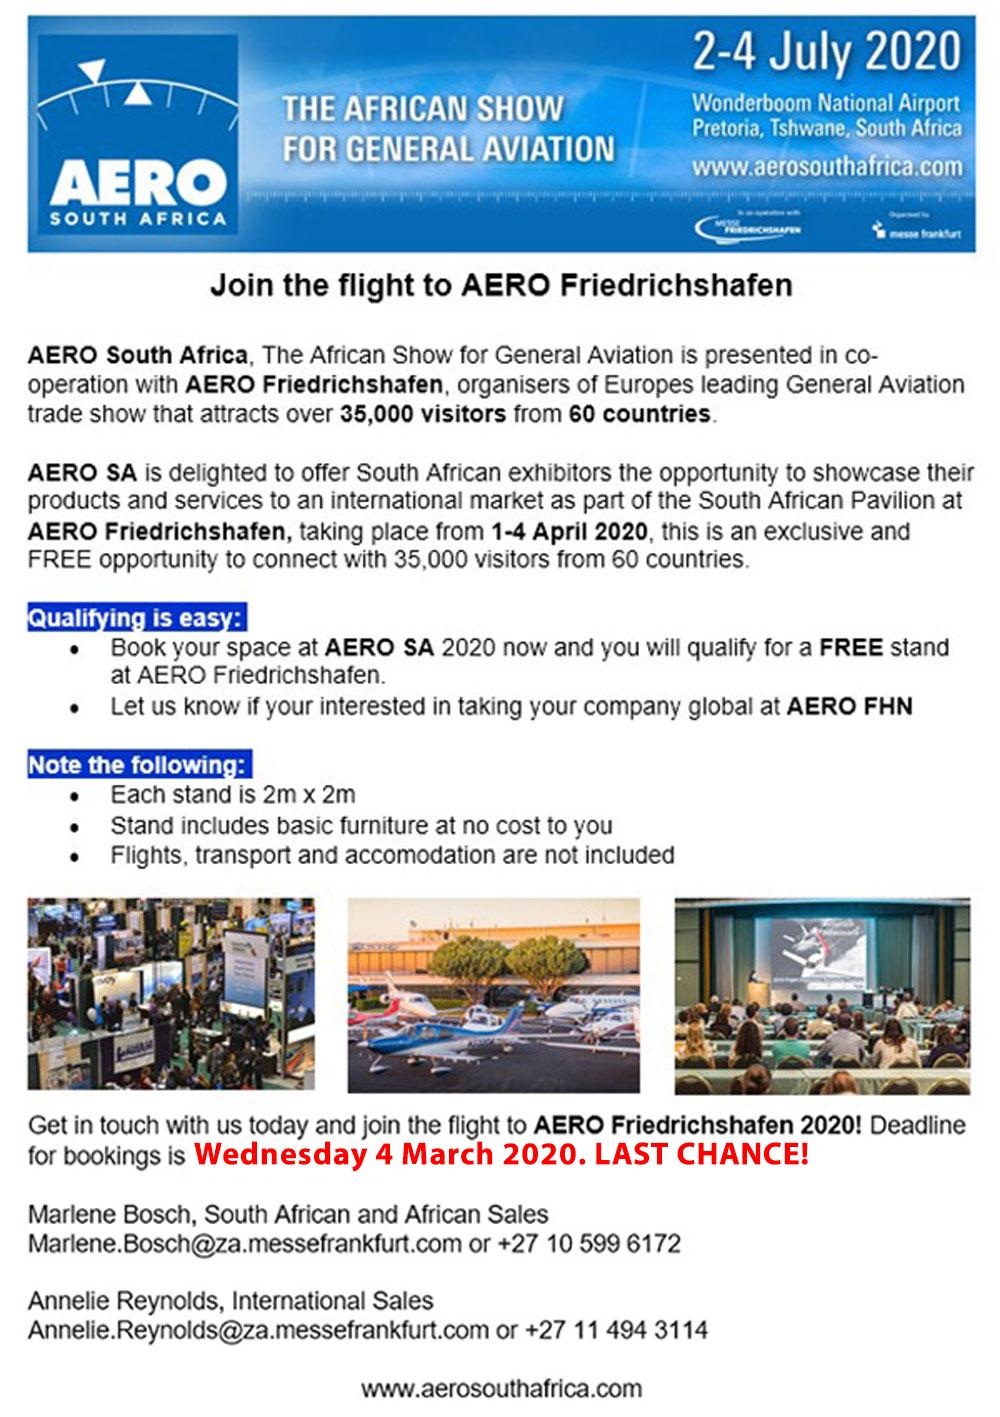 AERO-Friedrichshafen-2020-offer